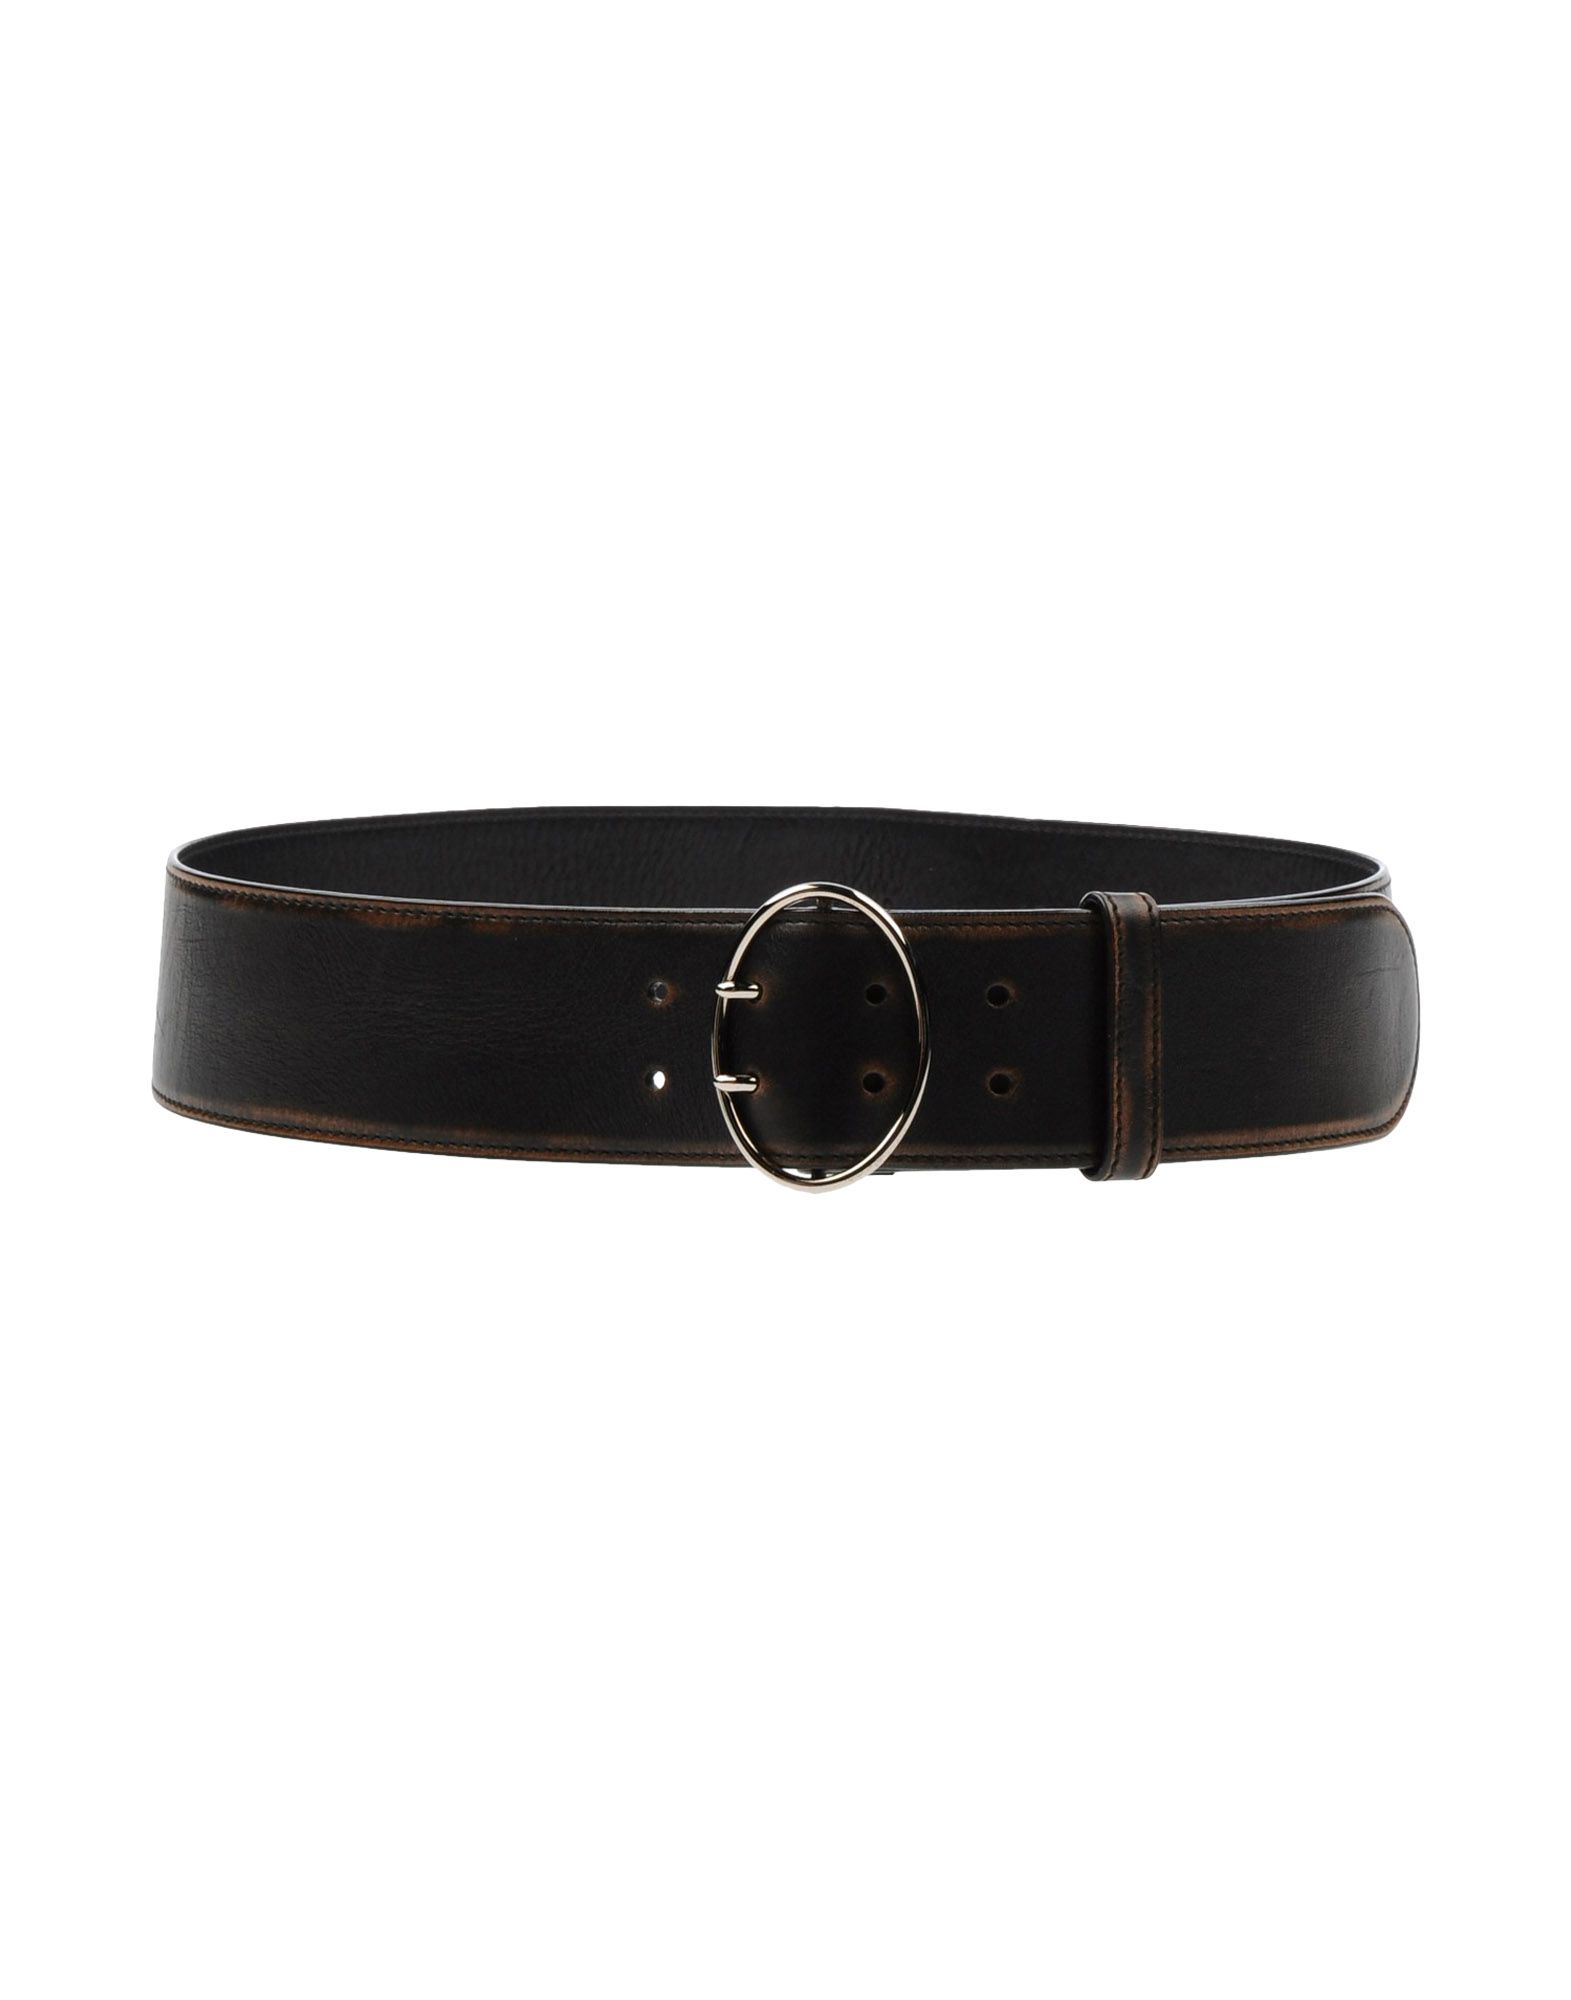 Prada Belt In Gray